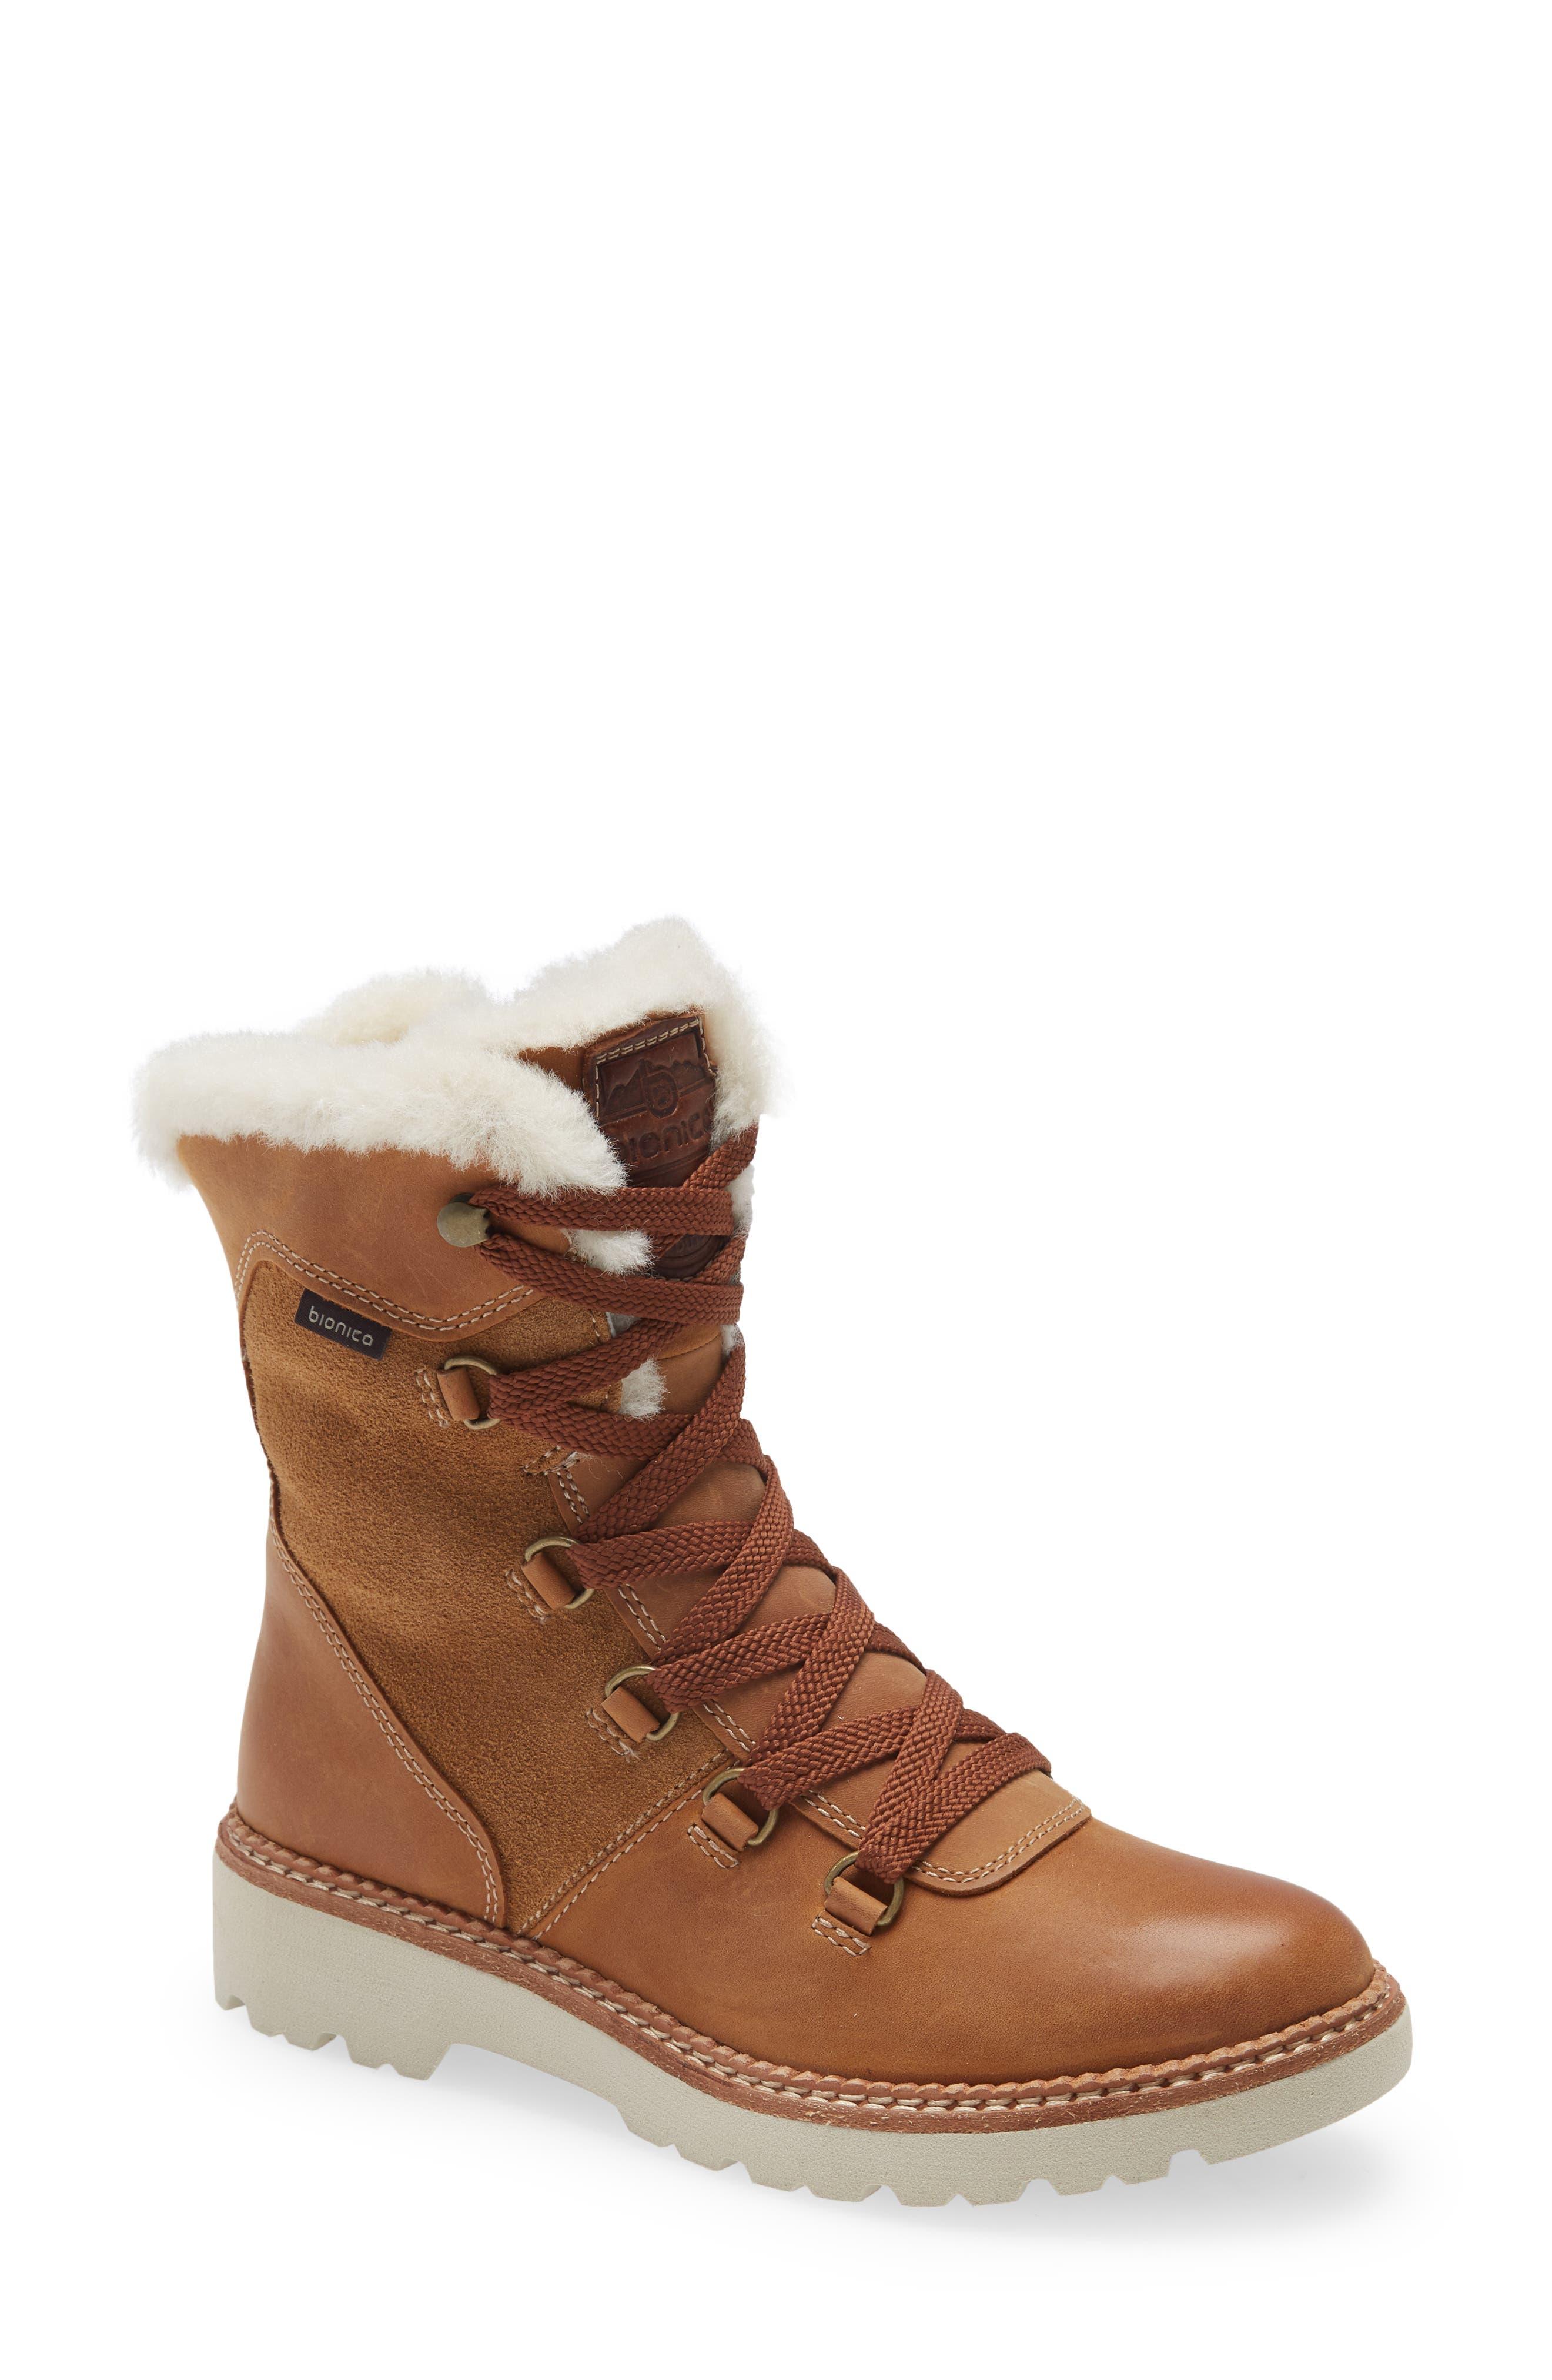 Demee Waterproof Winter Boot With Genuine Shearling Trim